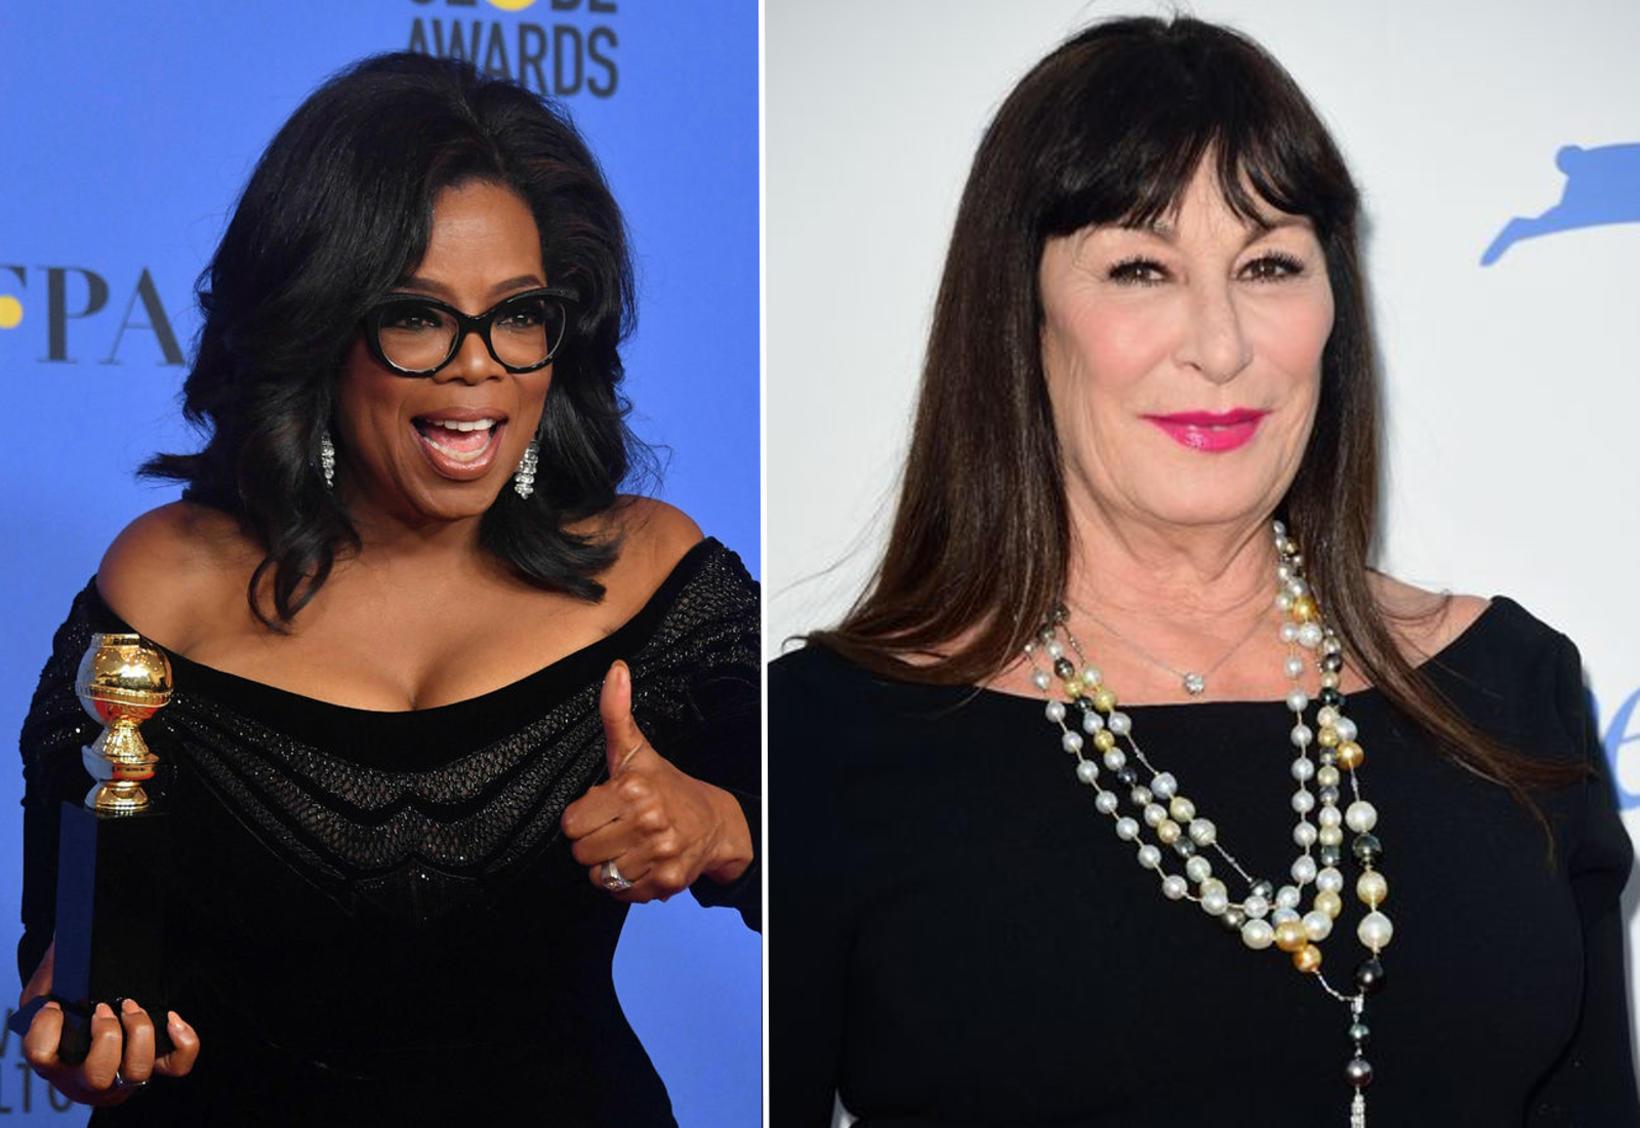 Leikkonan Anjelica Huston segir hegðun Oprah hafa orðið undarleg eftir …